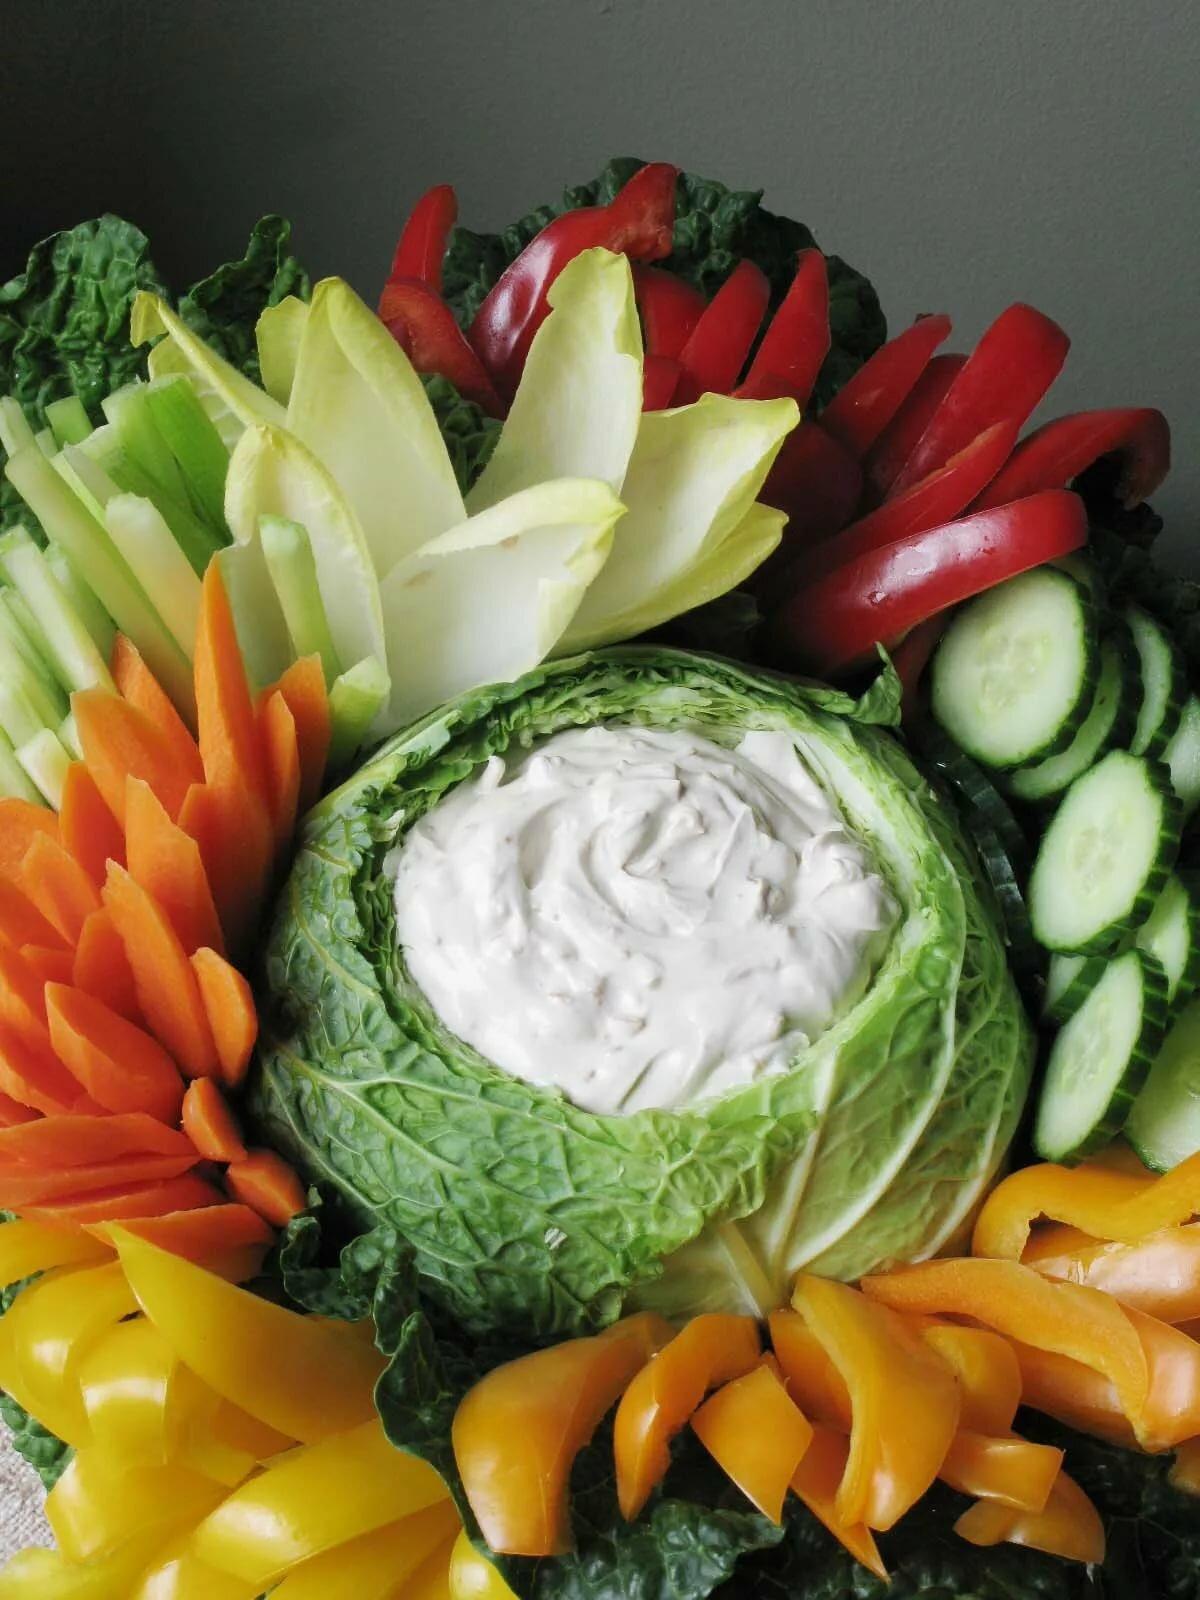 или украшения на блюда из овощей с фото школьные